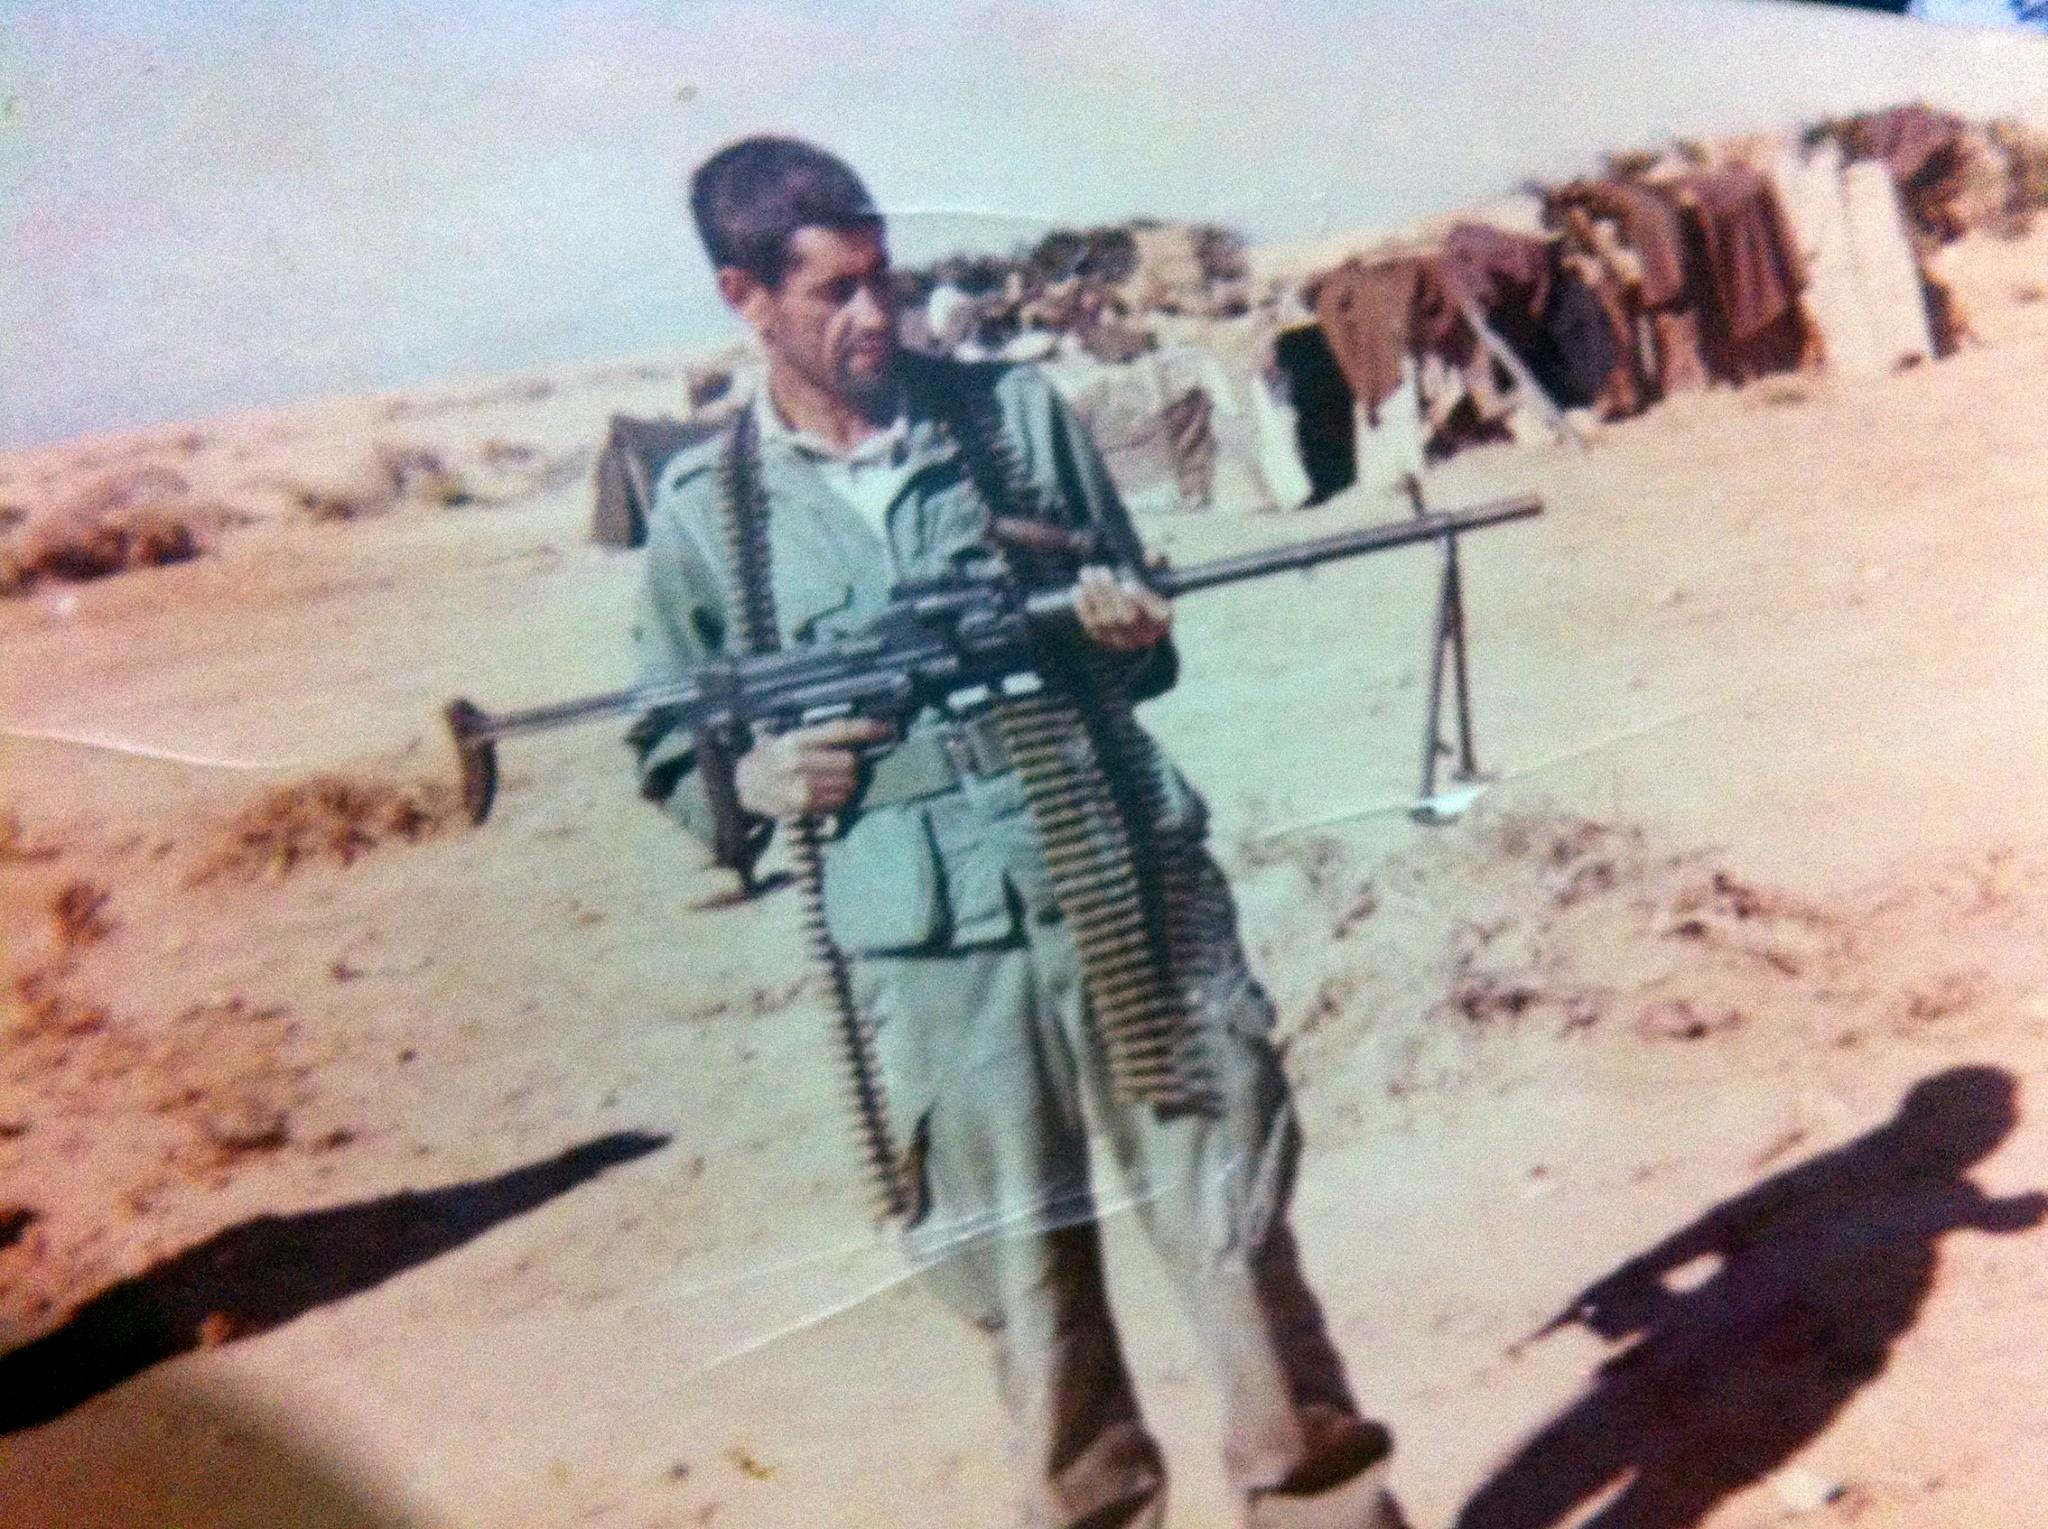 Le conflit armé du sahara marocain - Page 9 160815051643313212